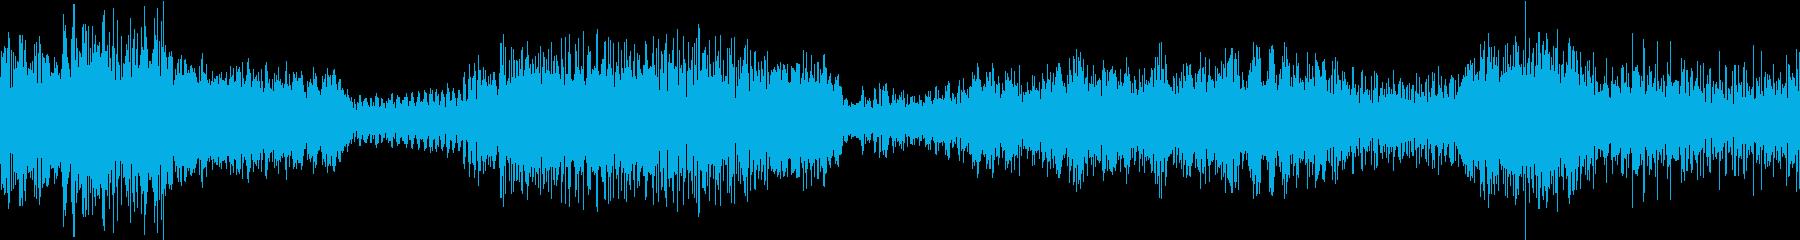 ドラマティックスペースストームの再生済みの波形